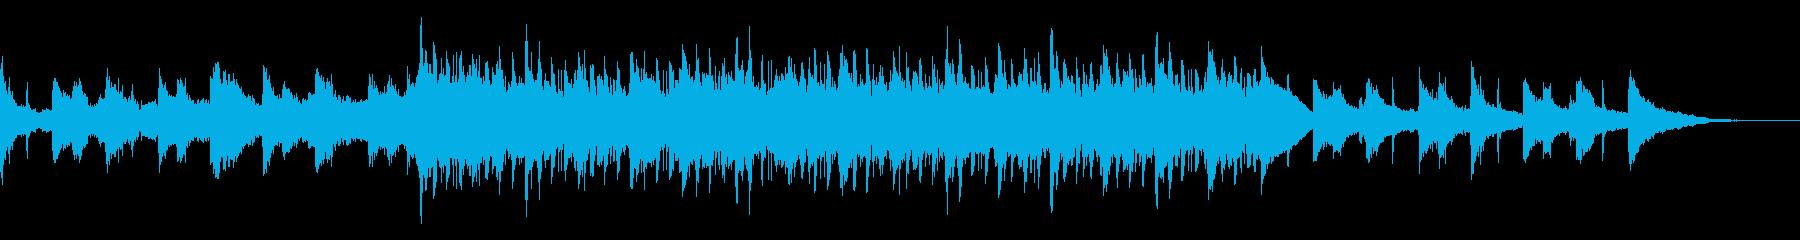 エモいギター×切ないピアノ×4つ打ちの再生済みの波形